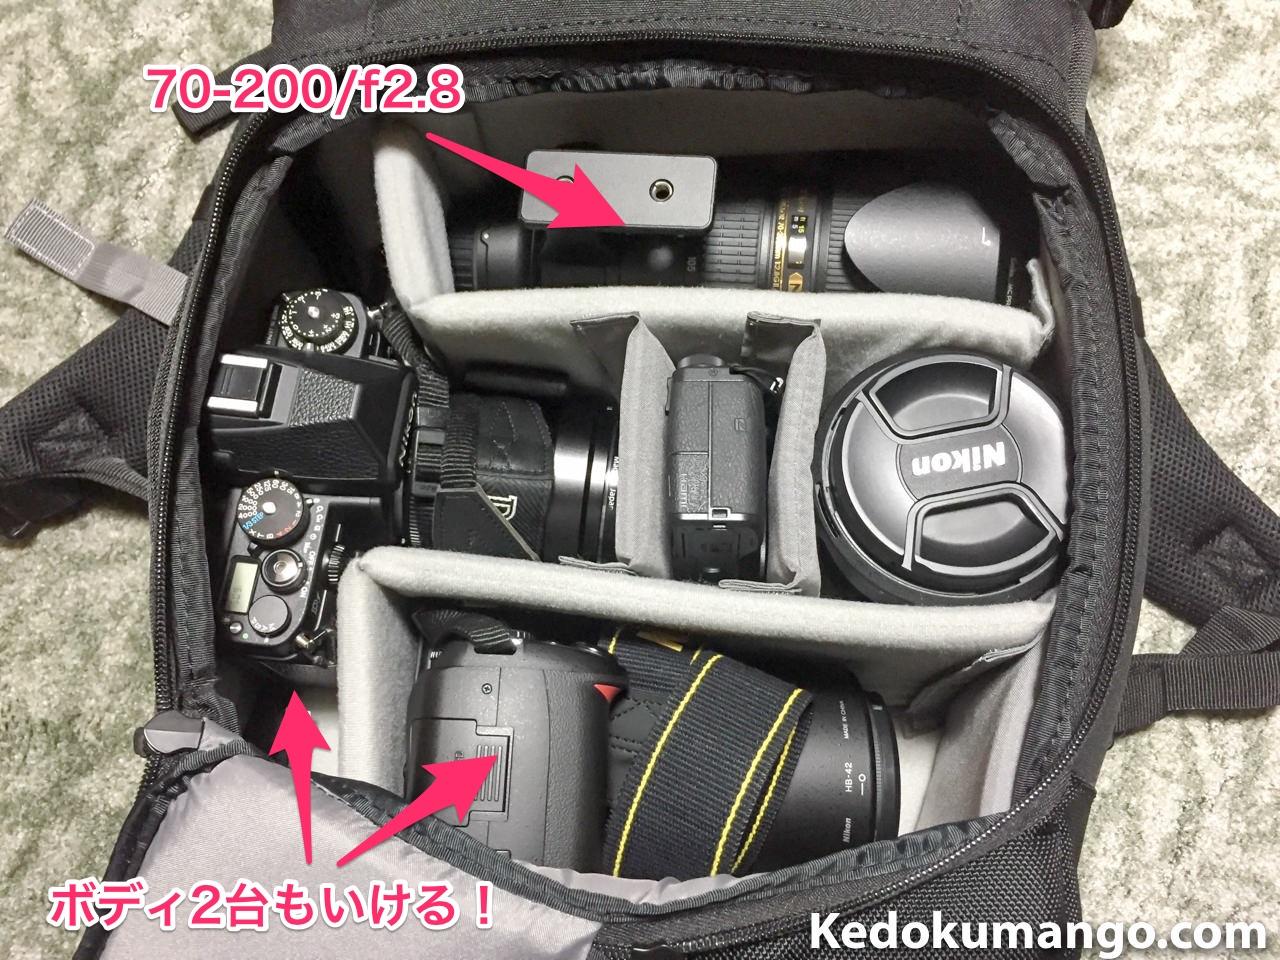 カメラボディ2台体制もいける!